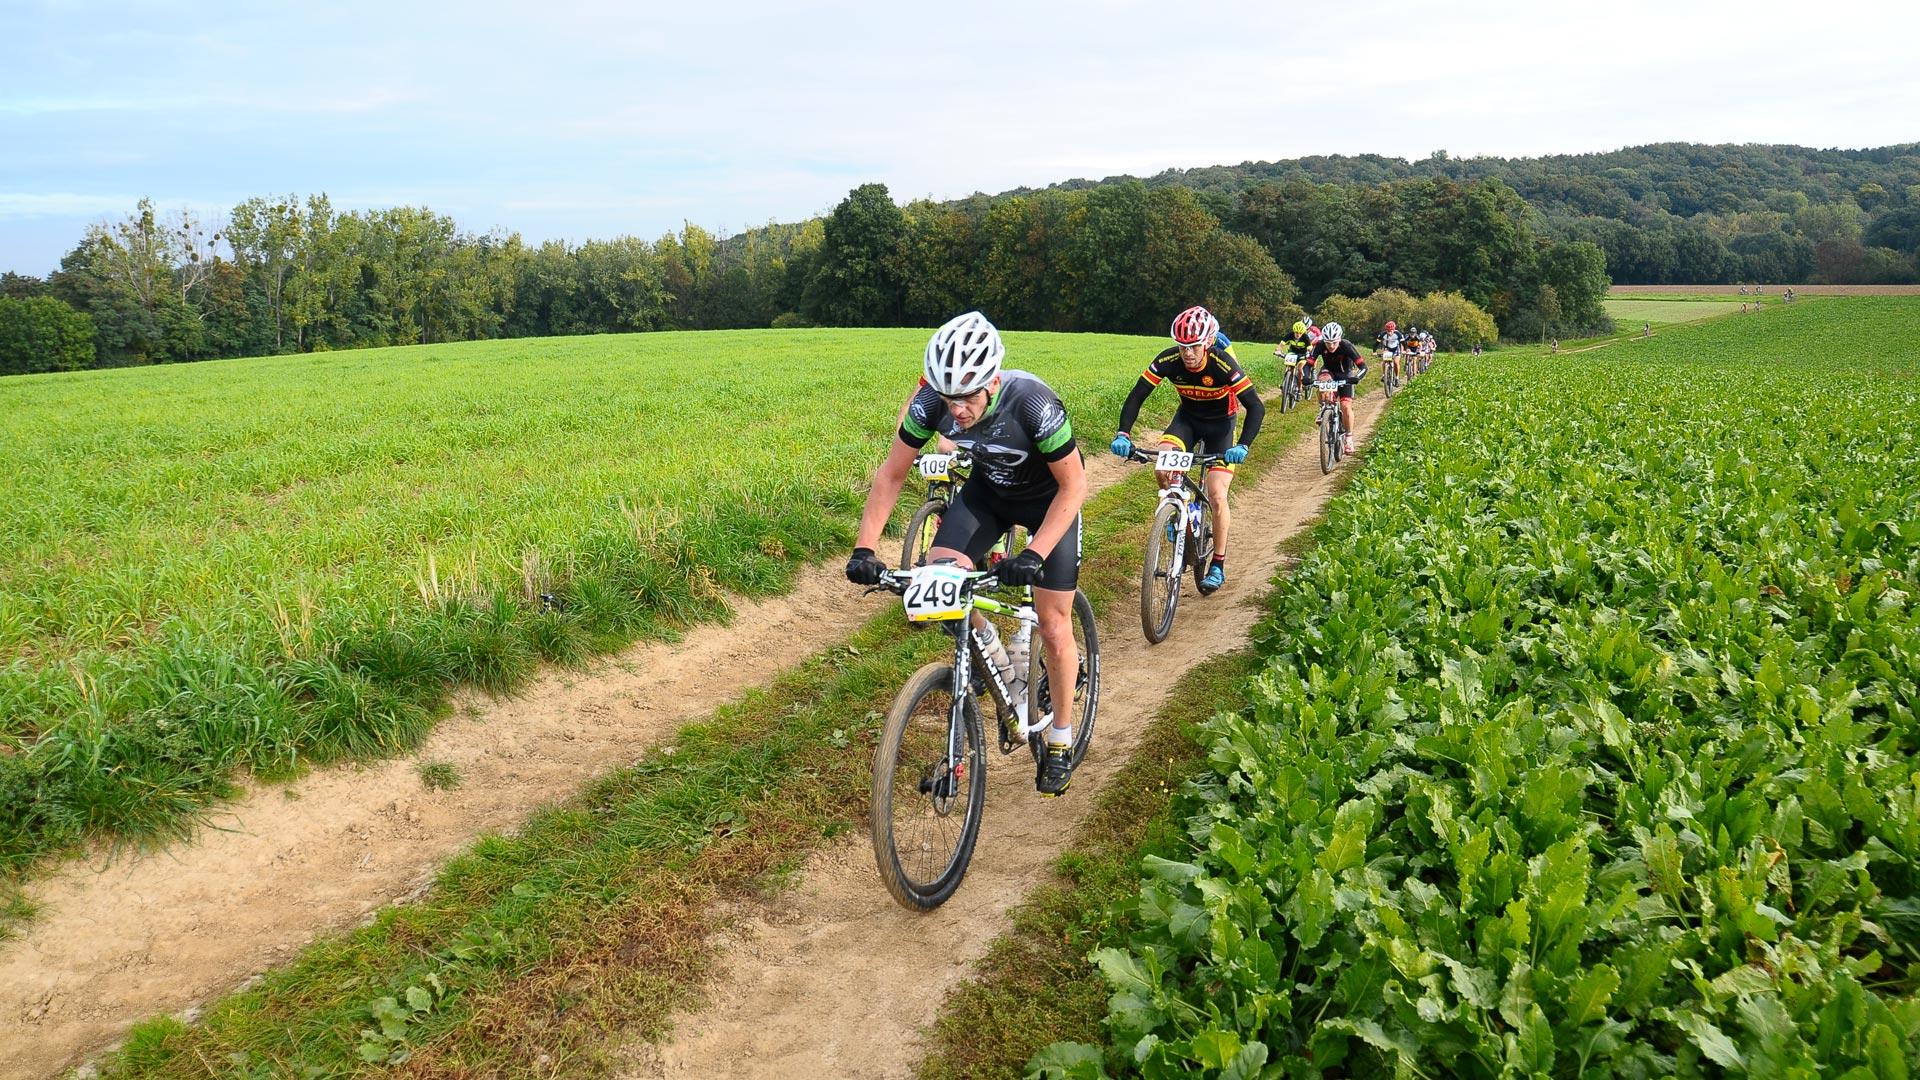 De eeuwige strijd tussen 'snelle' en 'langzame' mountainbikers